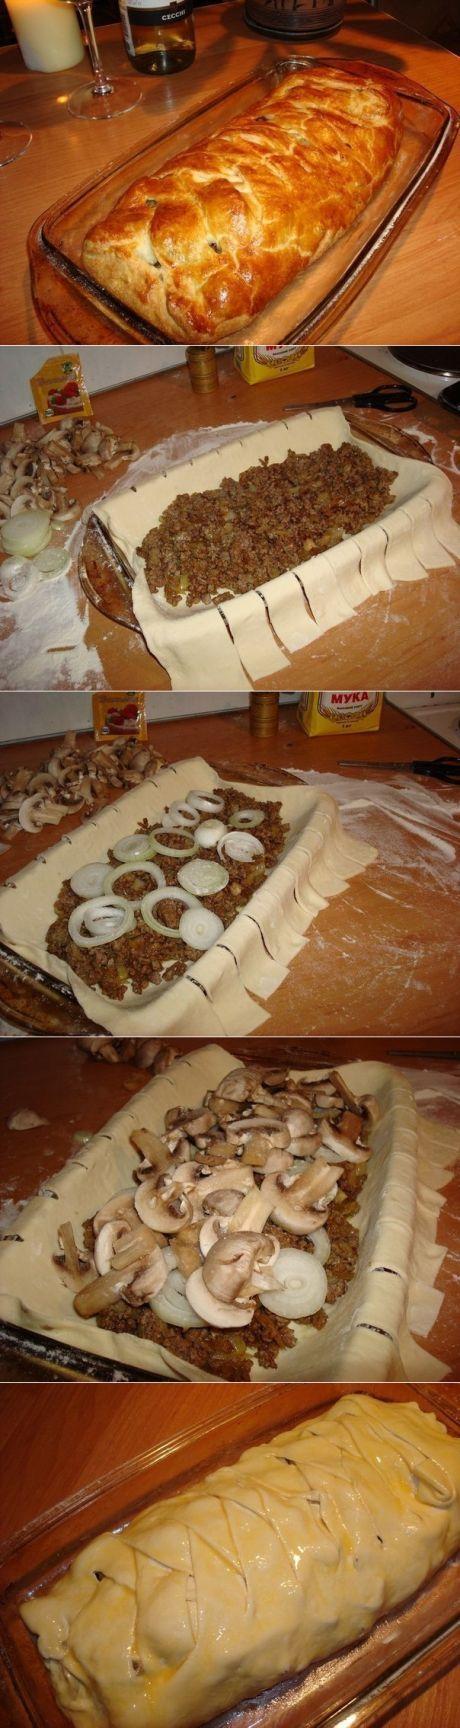 Как приготовить быстрый мясной пирог с грибами - рецепт, ингредиенты и фотографии